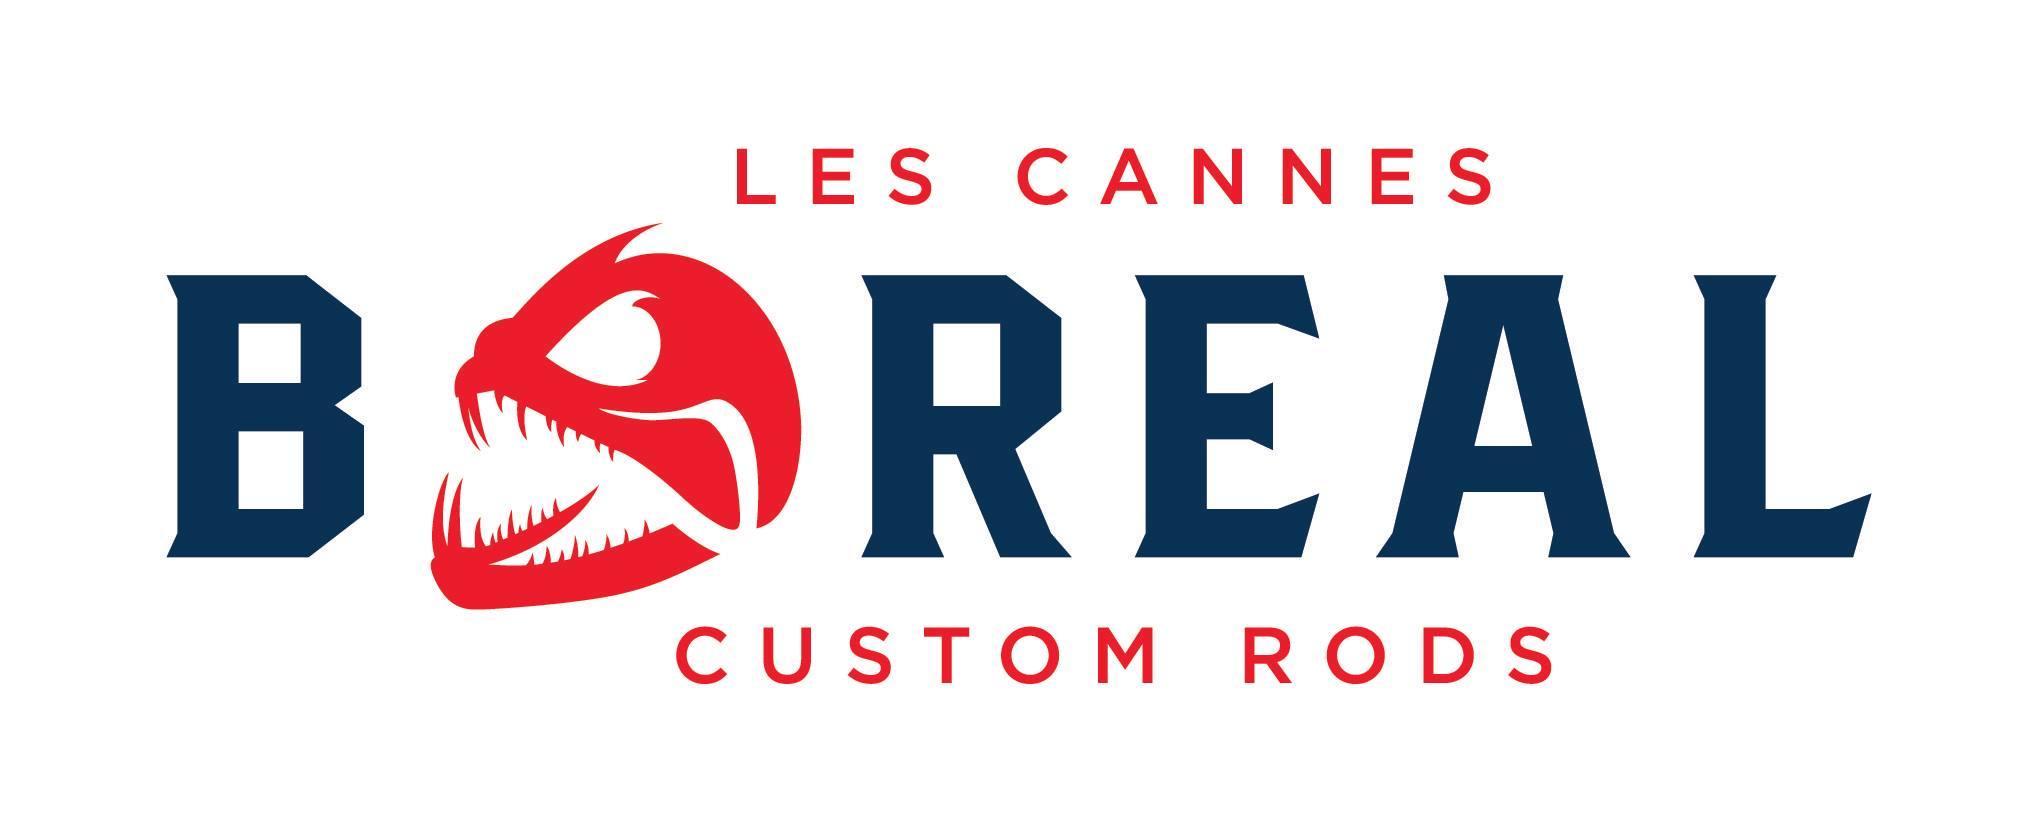 Les cannes boréal custom rods